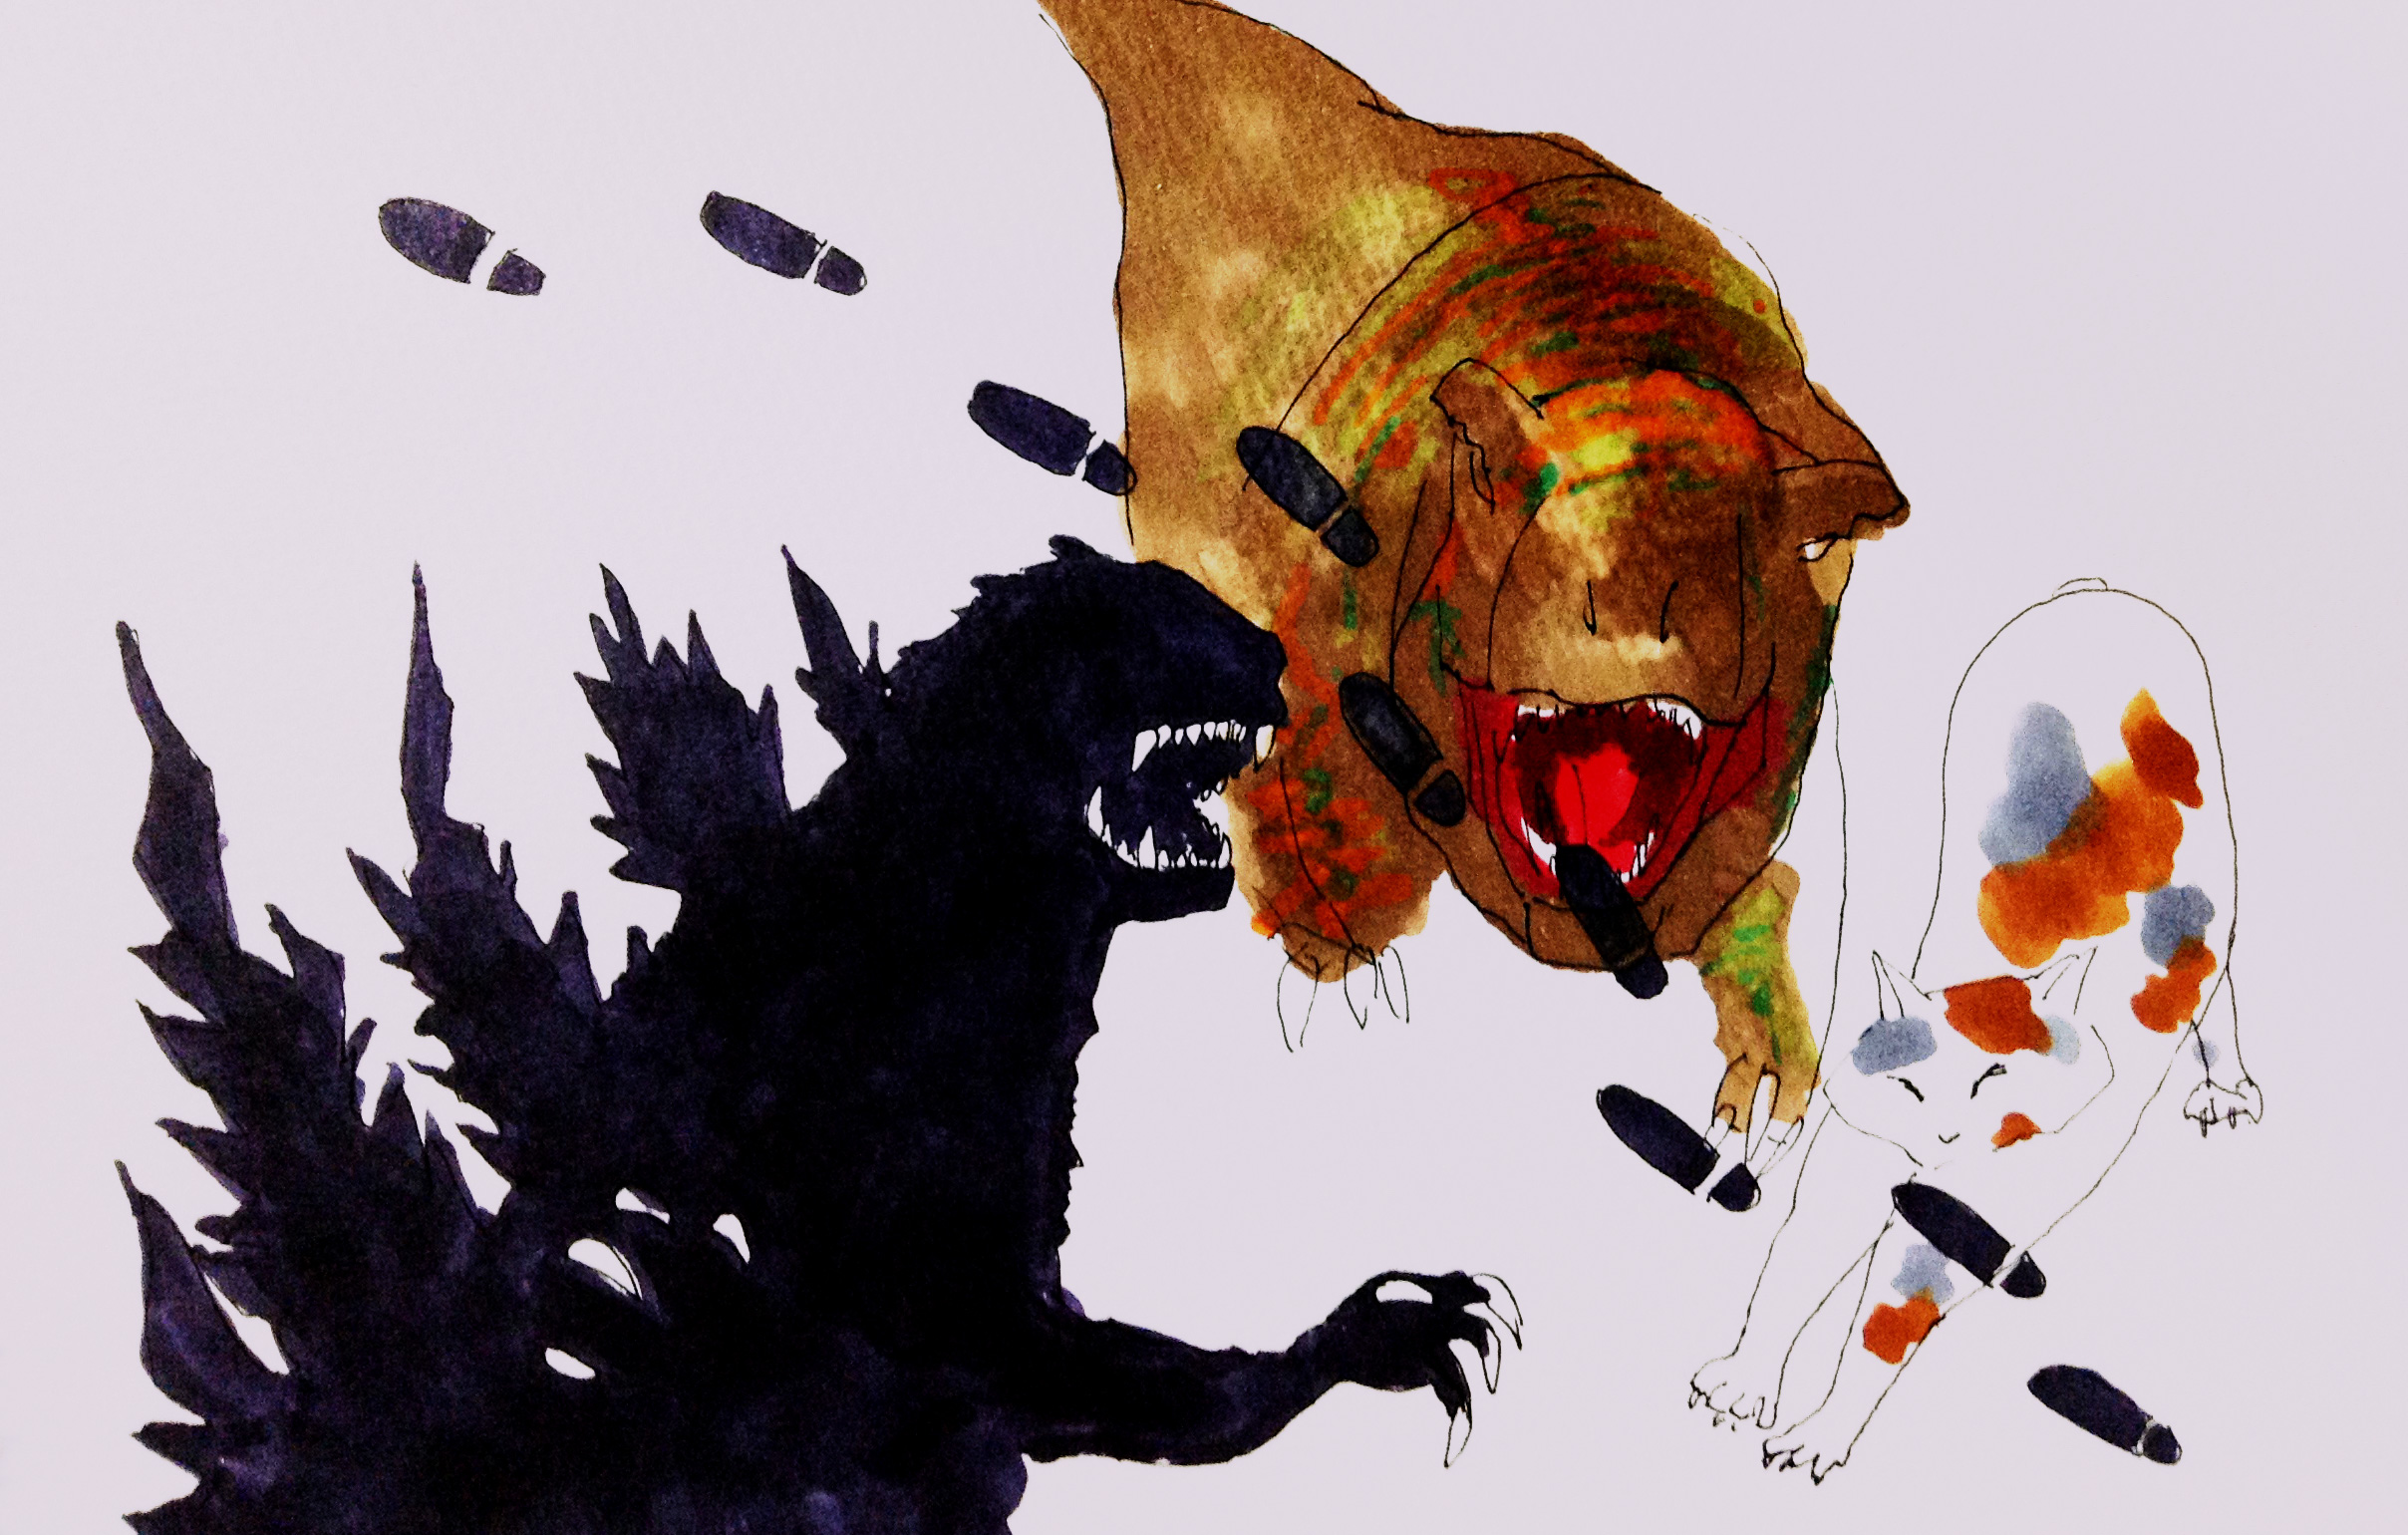 ゴジラ立ち、ティラノサウルス、ネコののびの姿をコピックで描いたイラスト